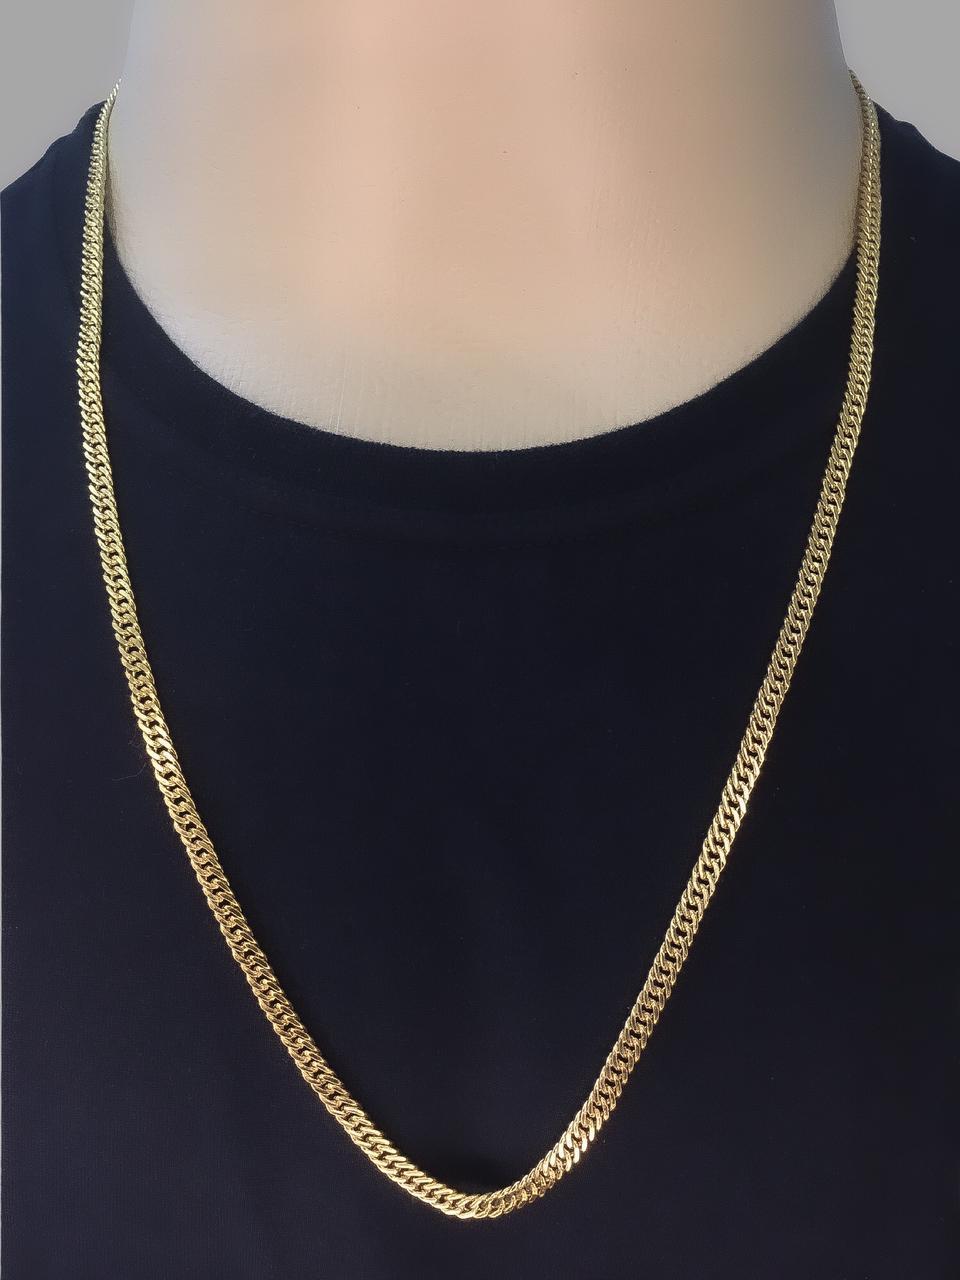 Corrente Lacraia -  4 milímetros - 70 Centímetros - fecho Gaveta - Banhado a ouro 18 k